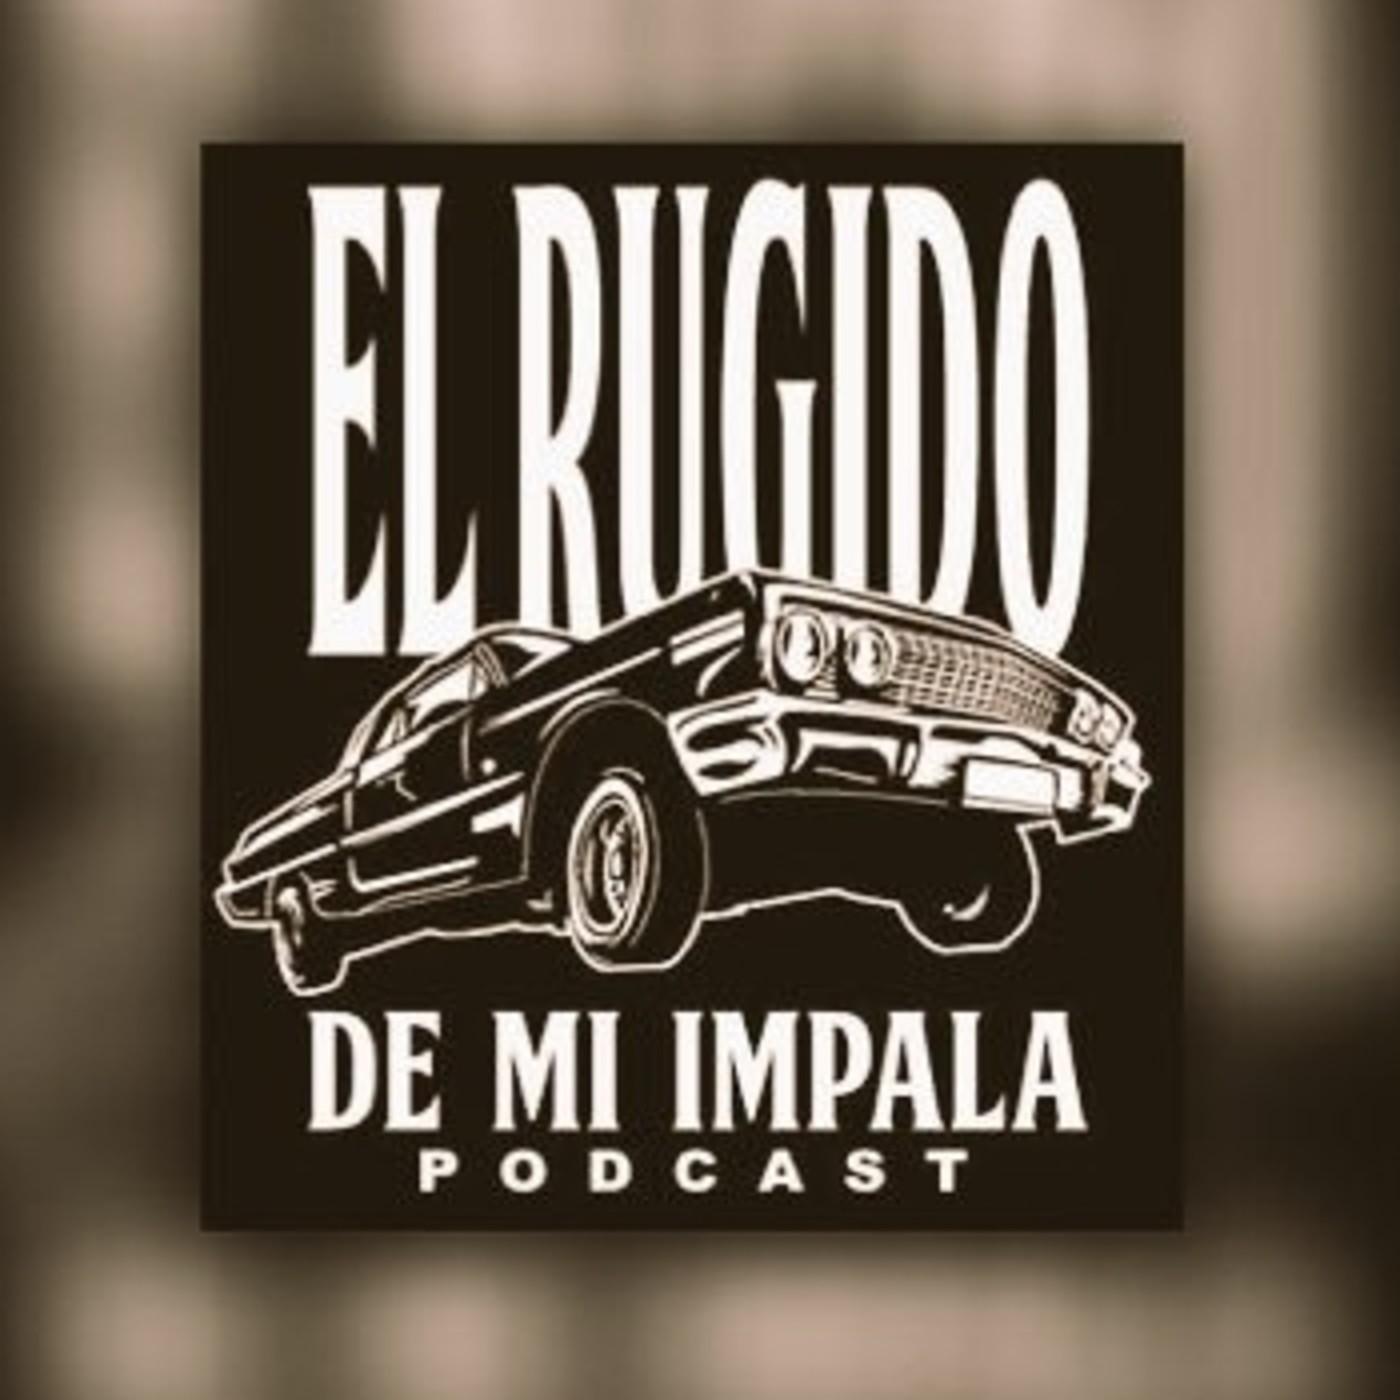 El Rugido de mi Impala